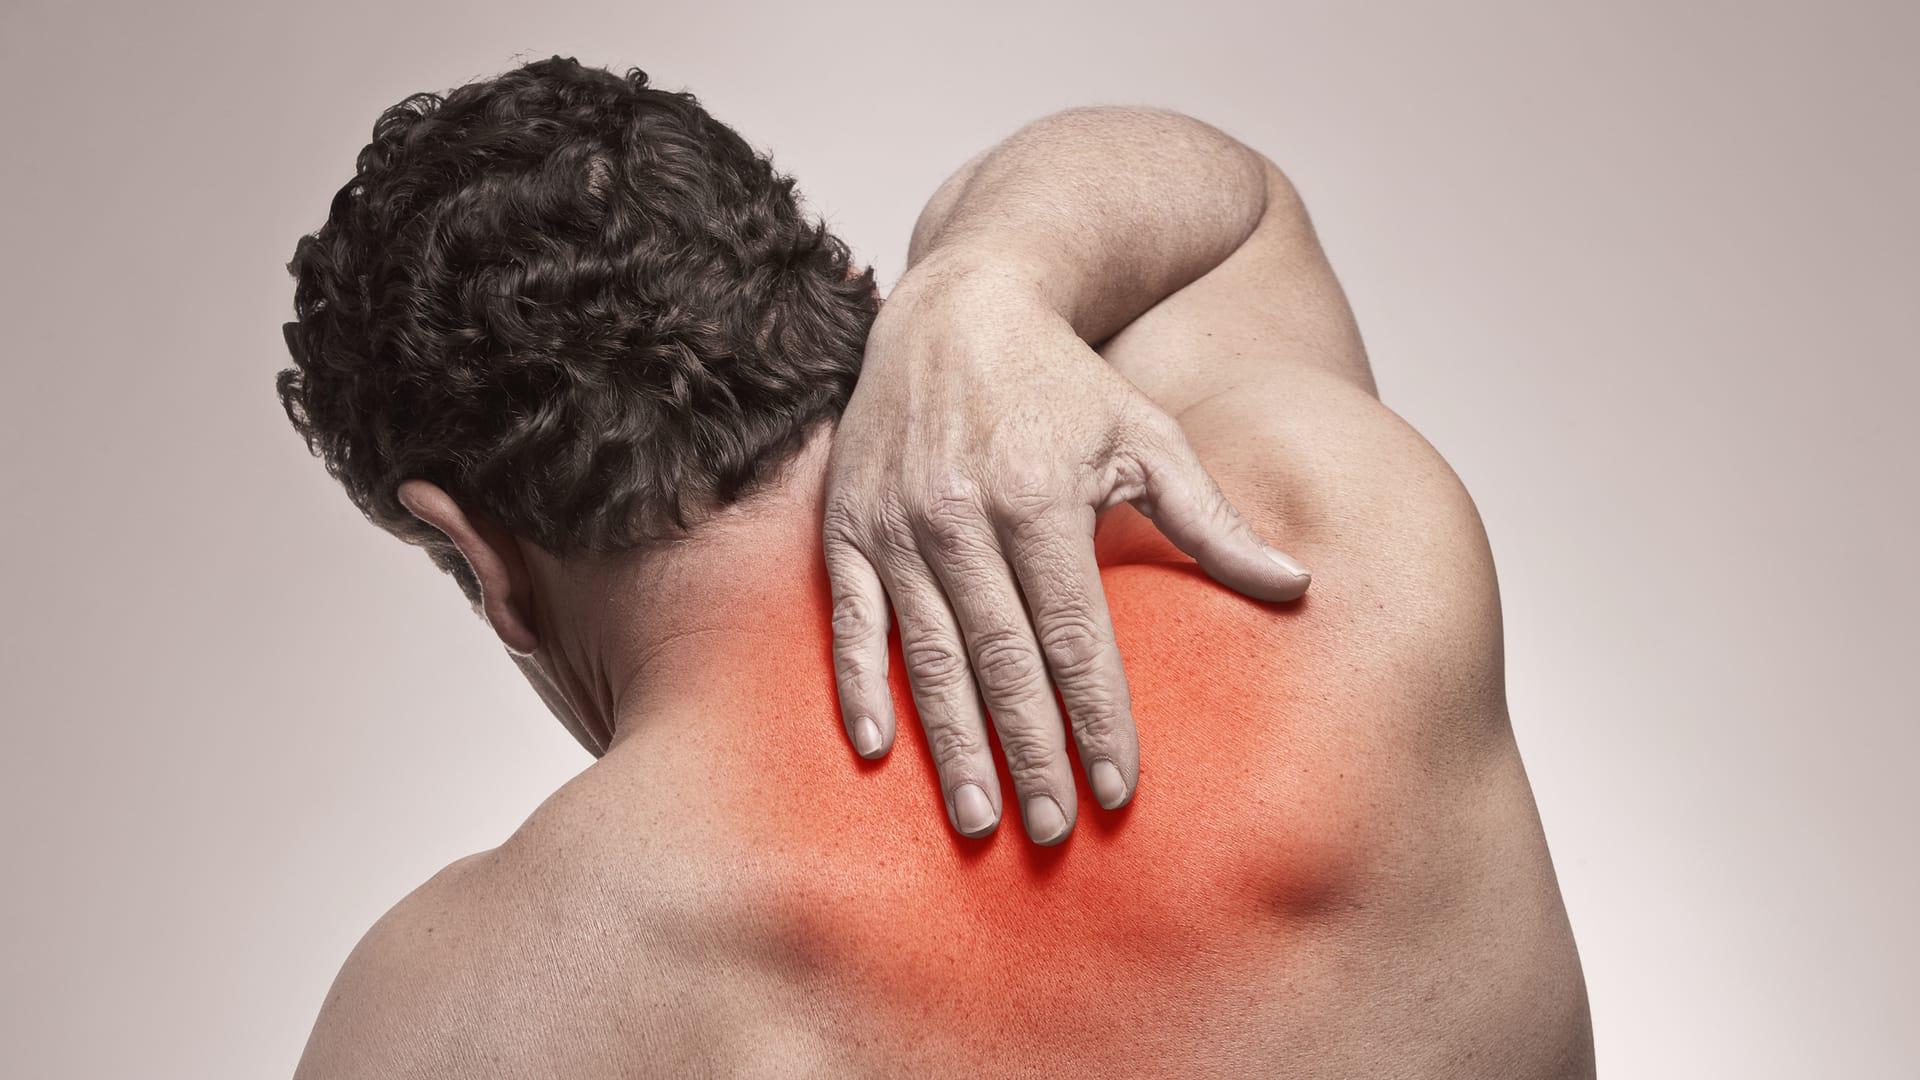 Dicas de como aliviar a dor nas costas